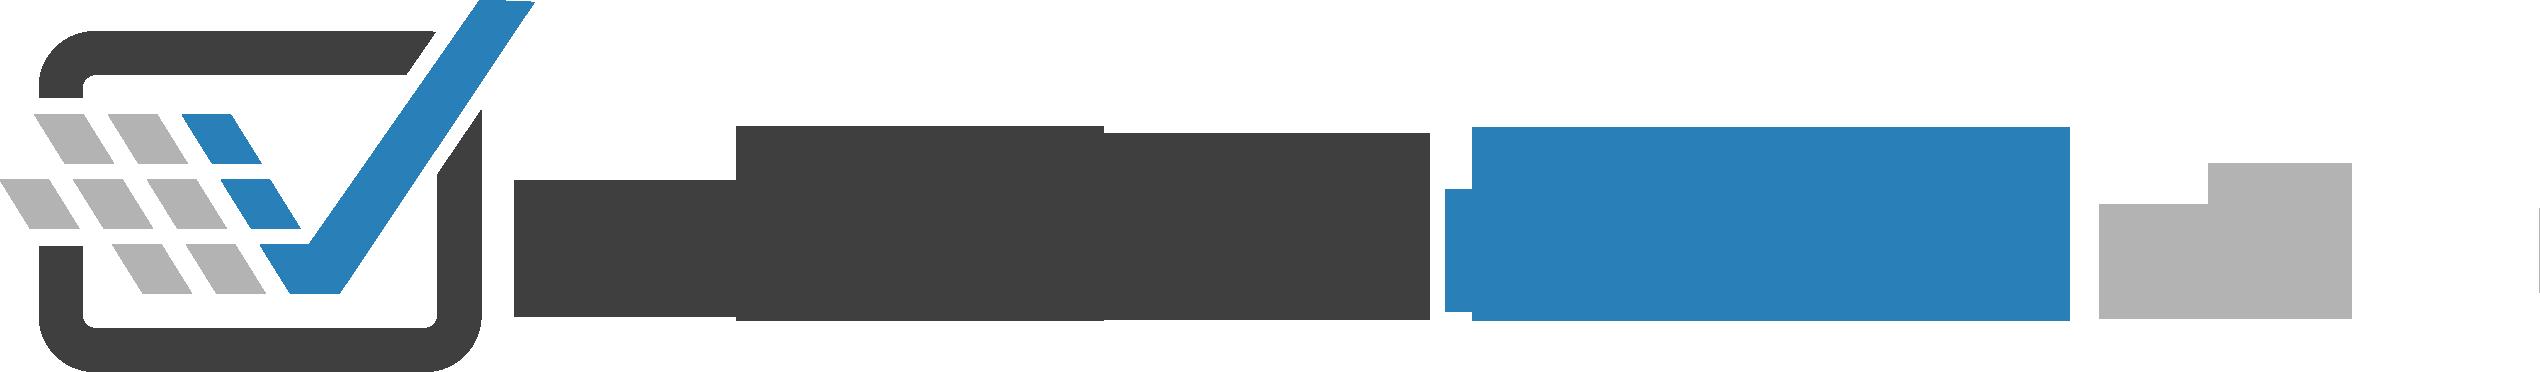 Website Check logo